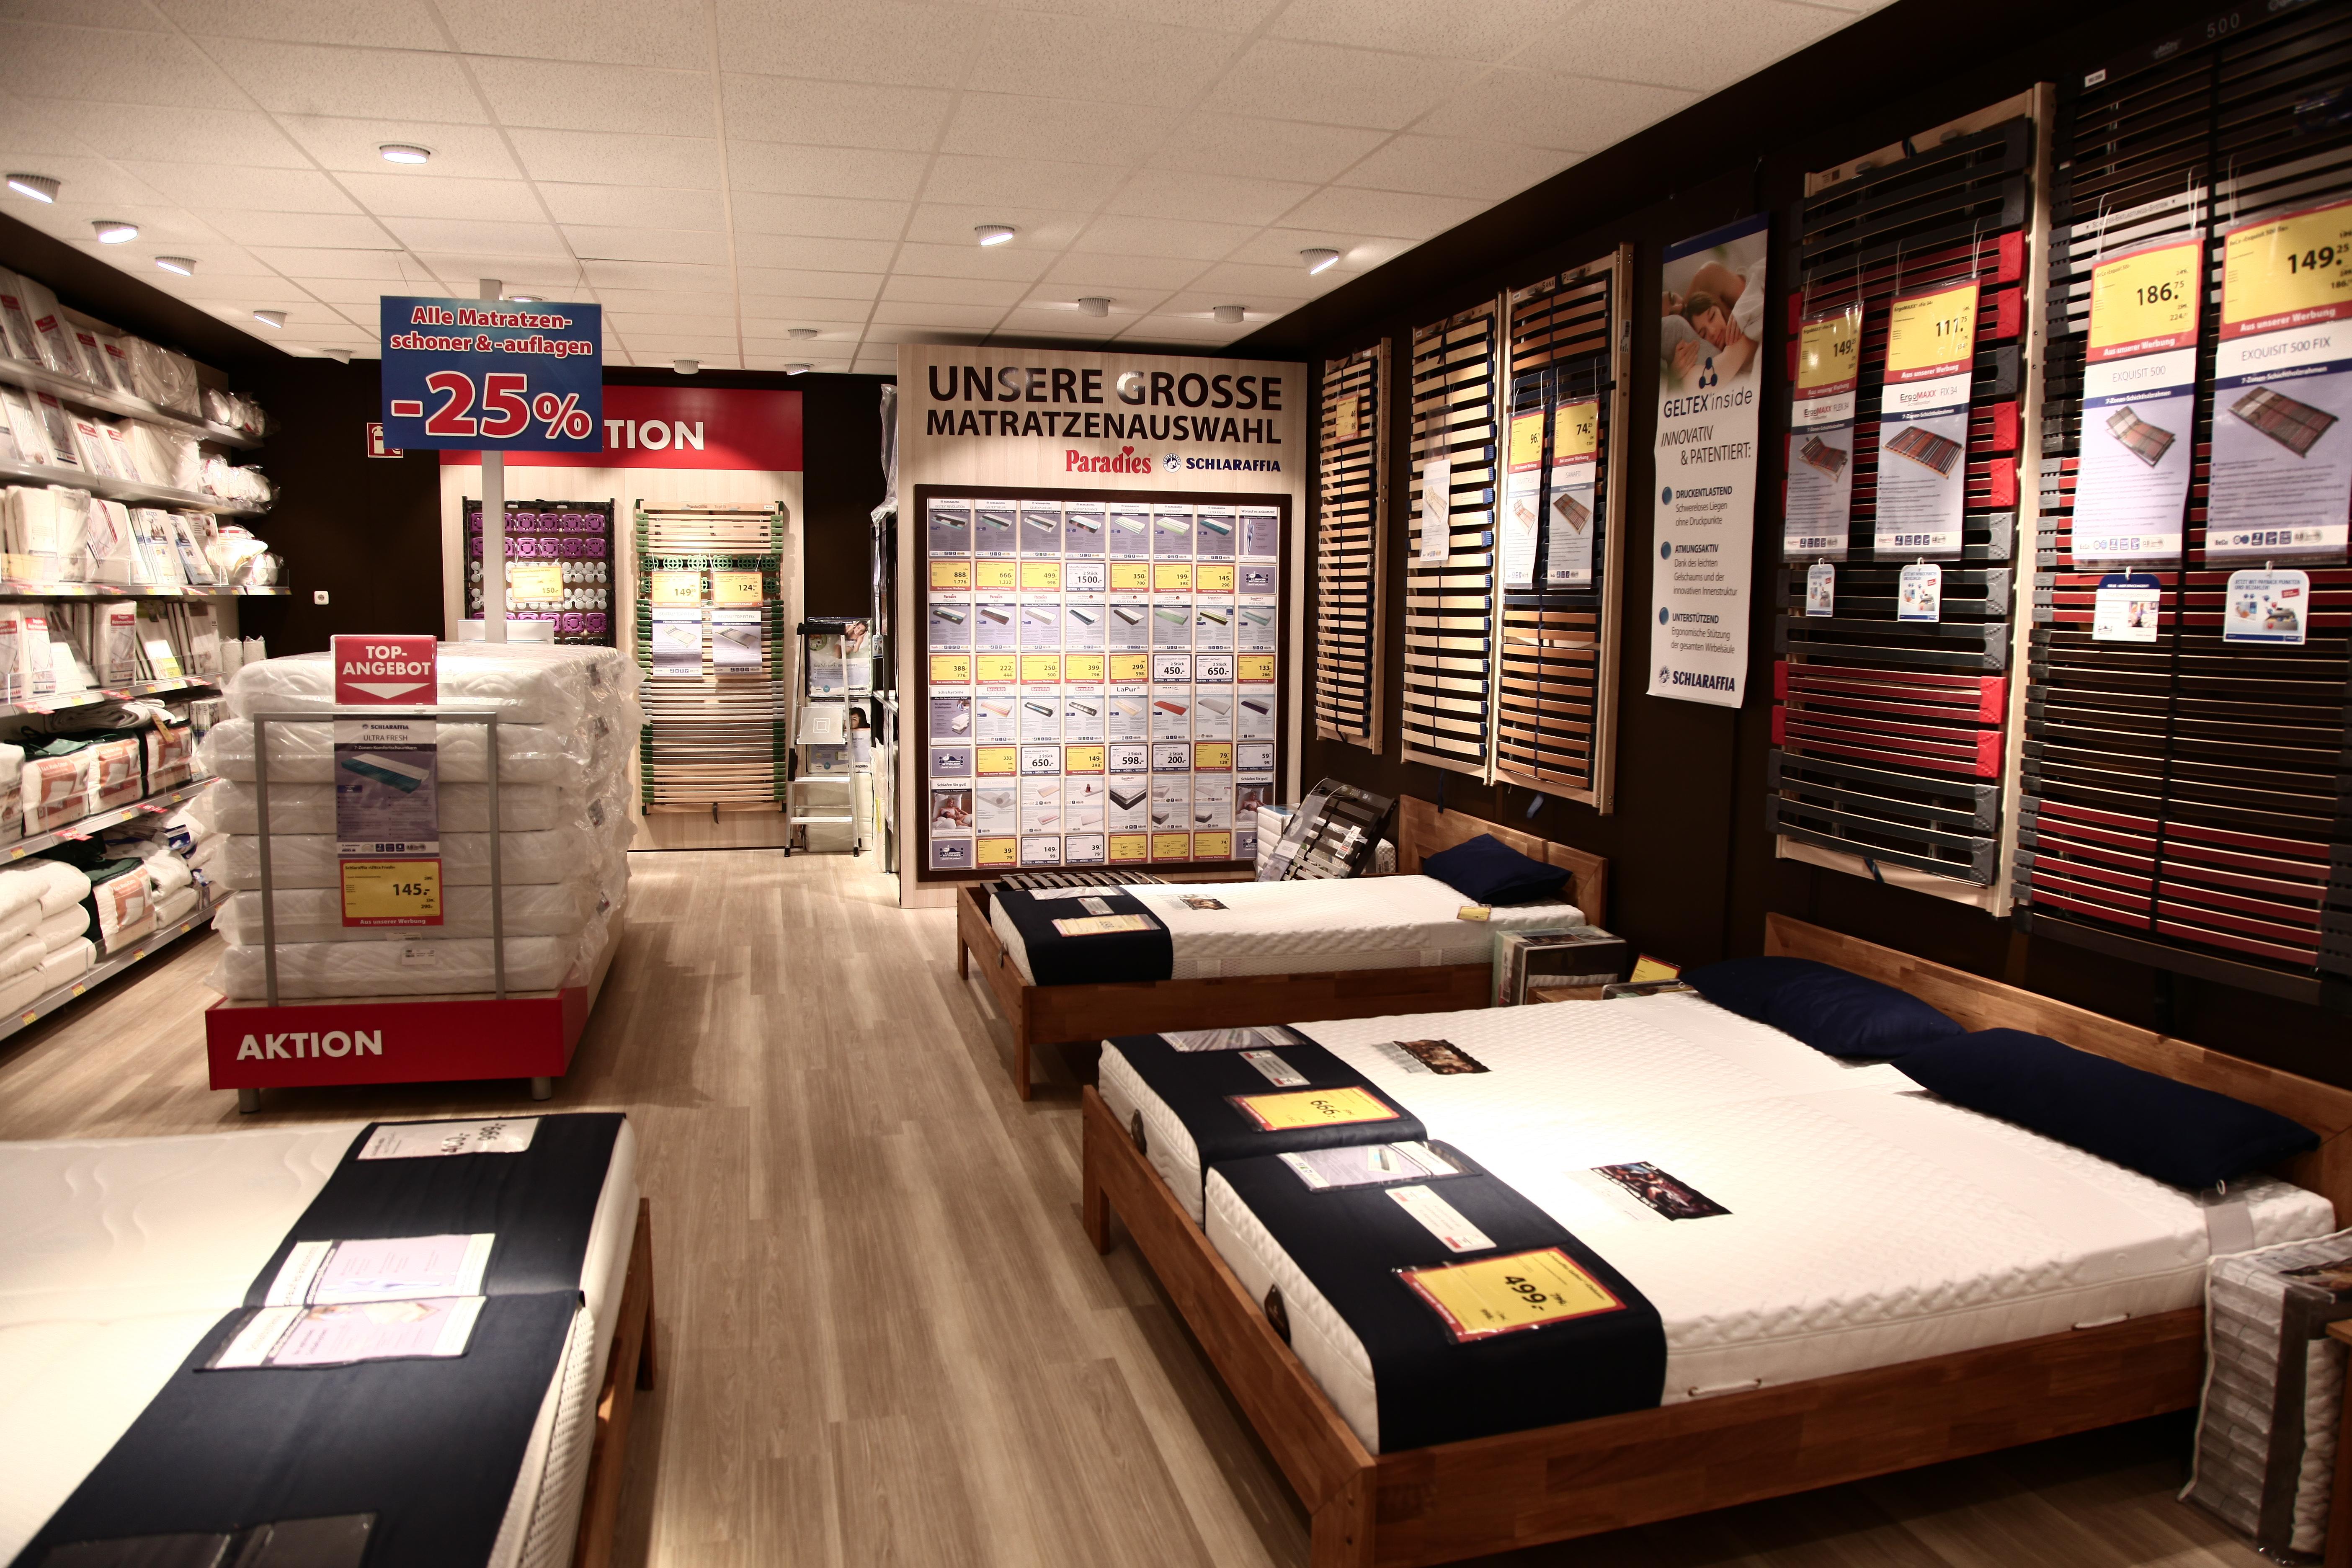 d nisches bettenlager er ffnet drei neue fachm rkte. Black Bedroom Furniture Sets. Home Design Ideas